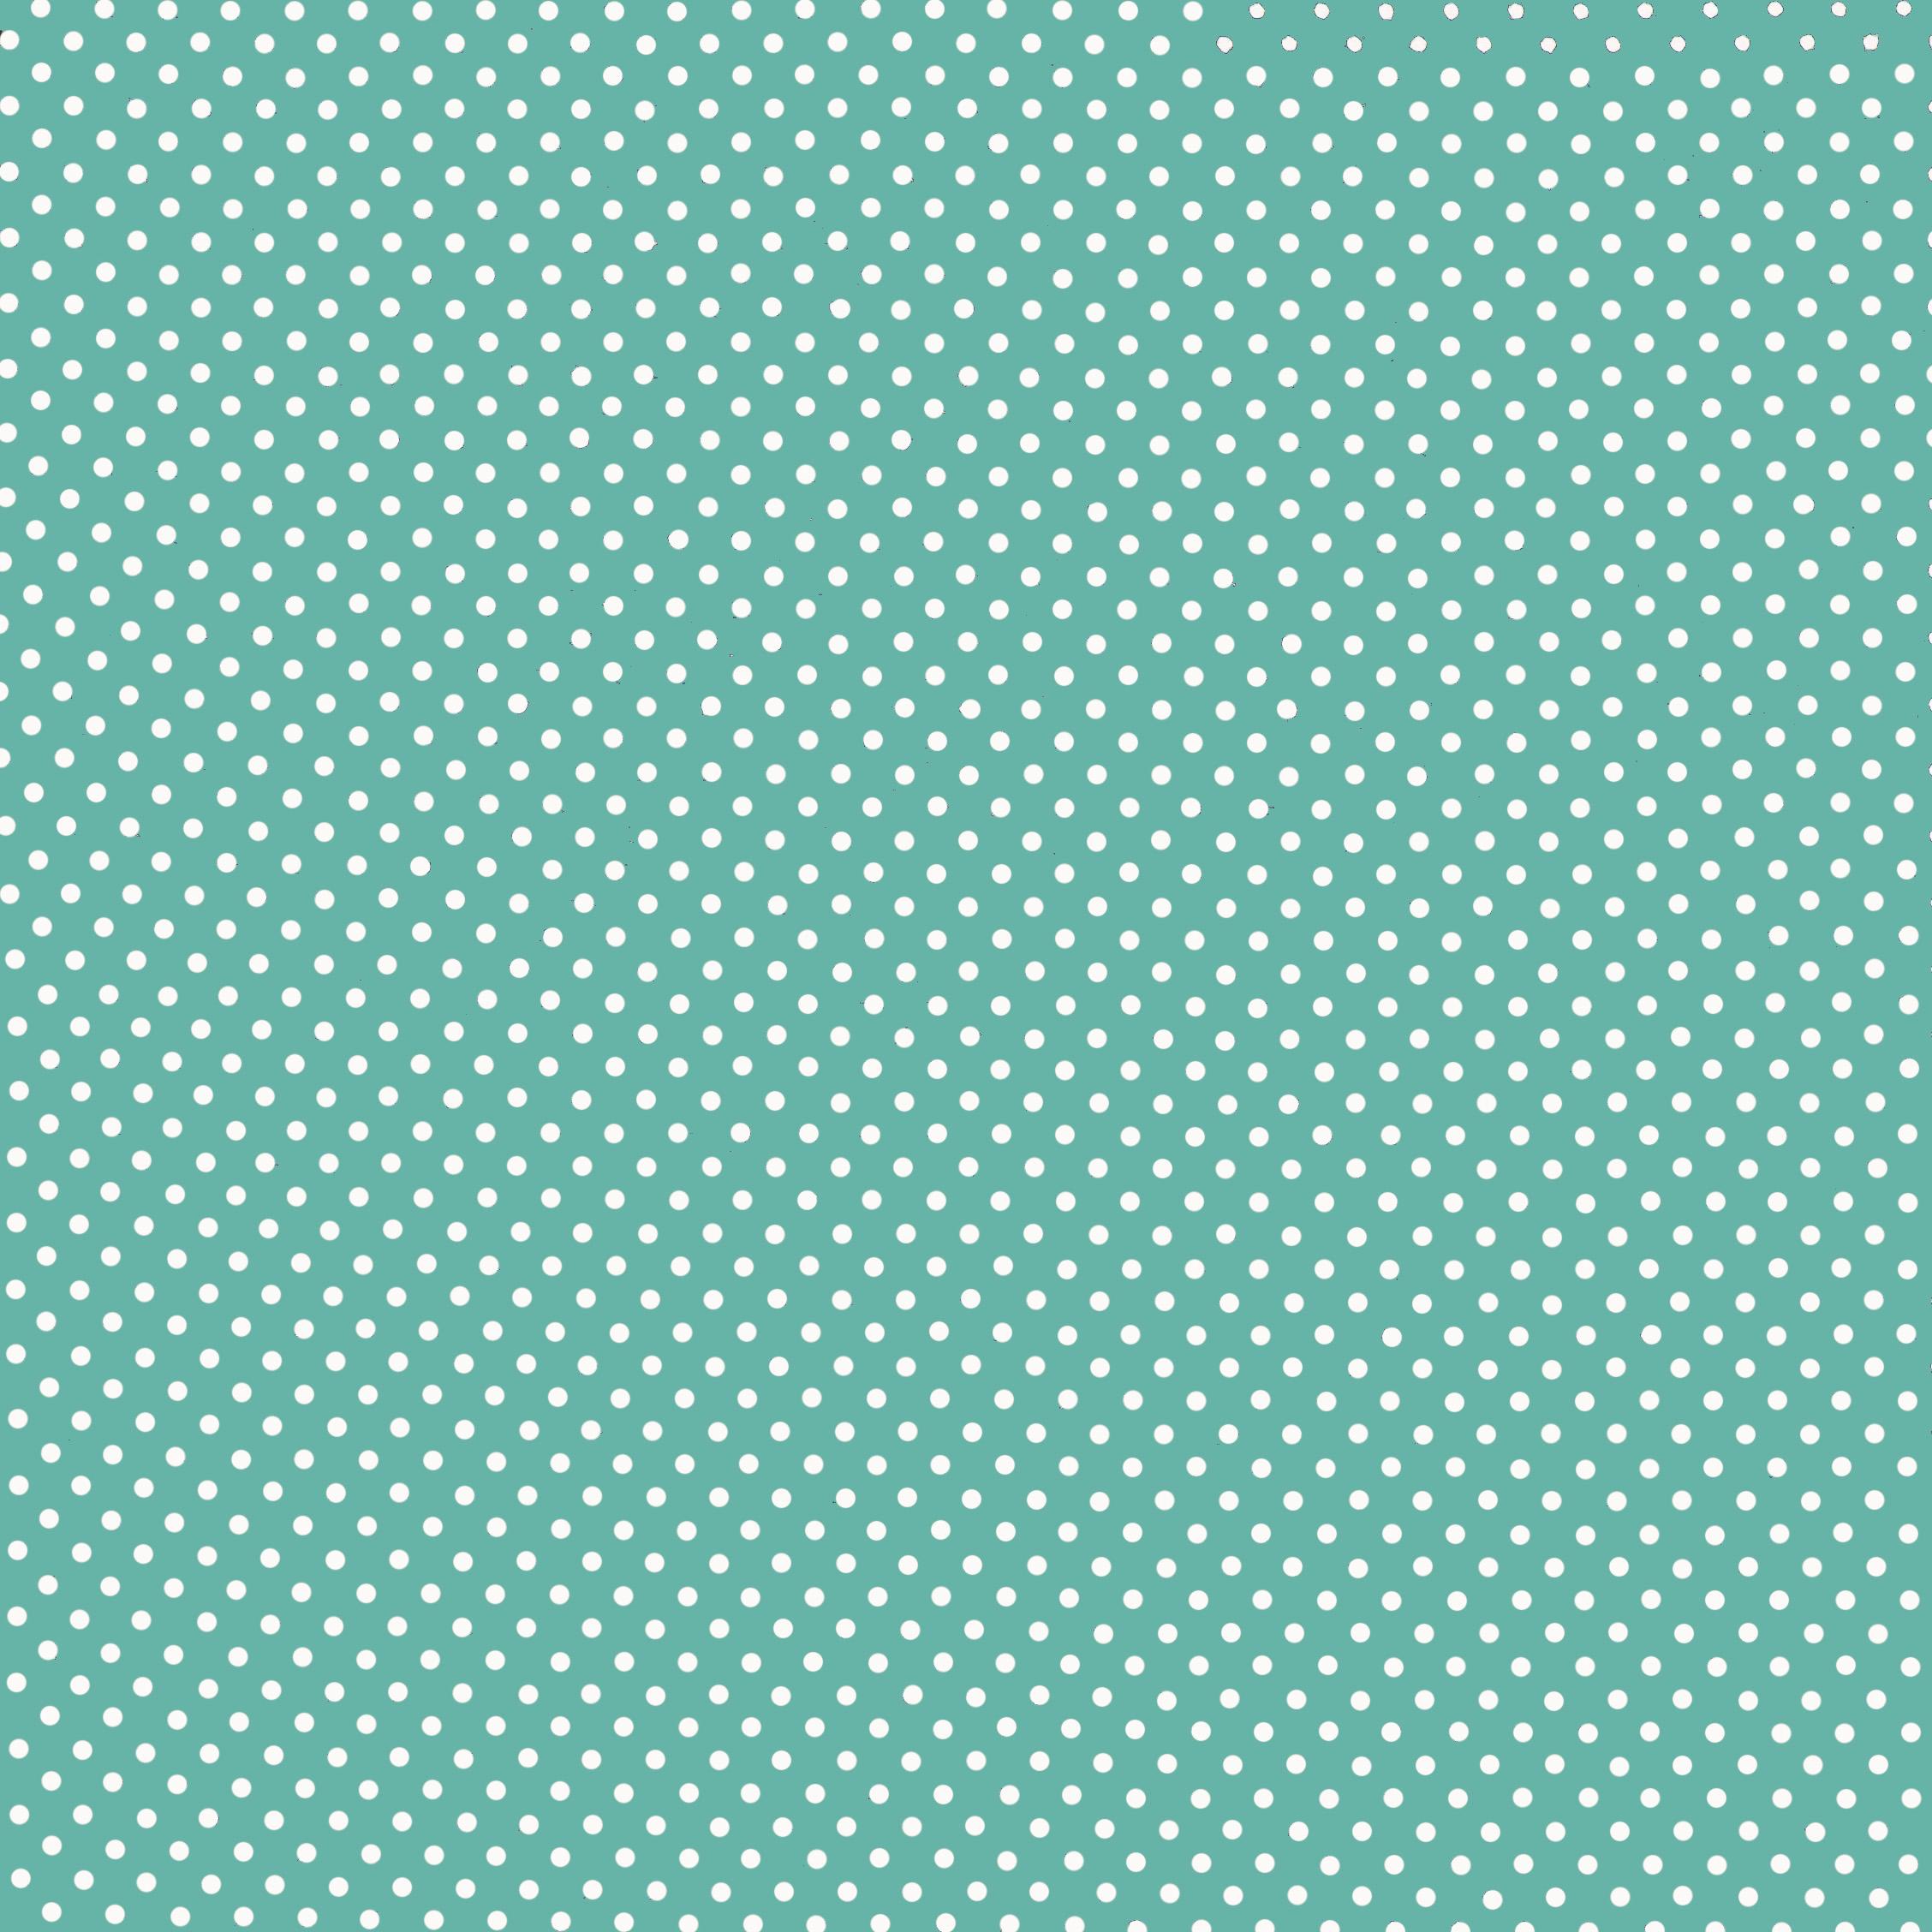 Ткань горошек мята - студия SOVA